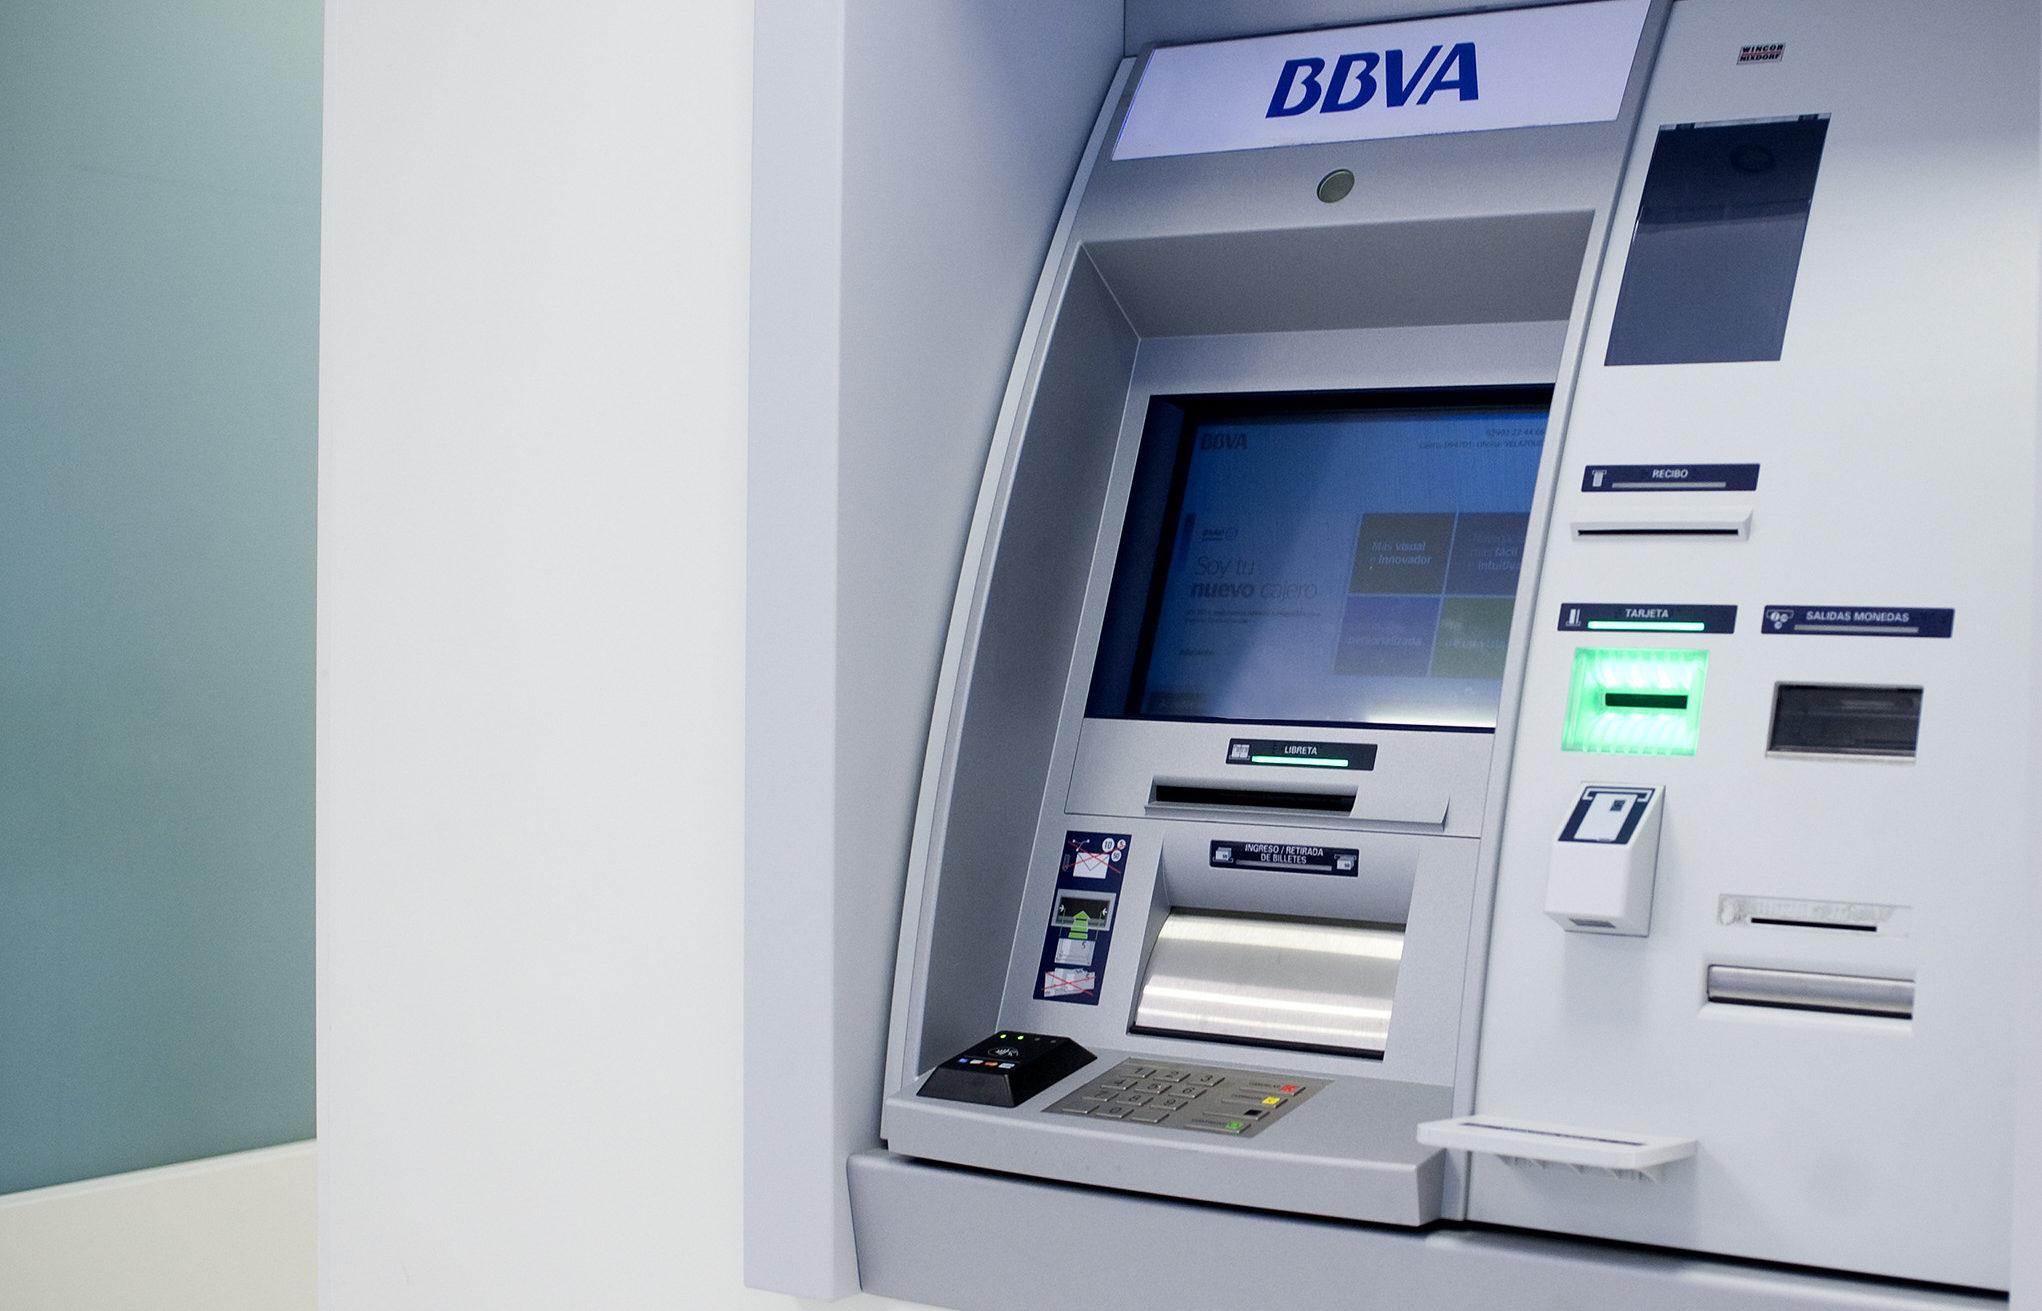 bbva historia de los cajeros autom ticos banco bilbao